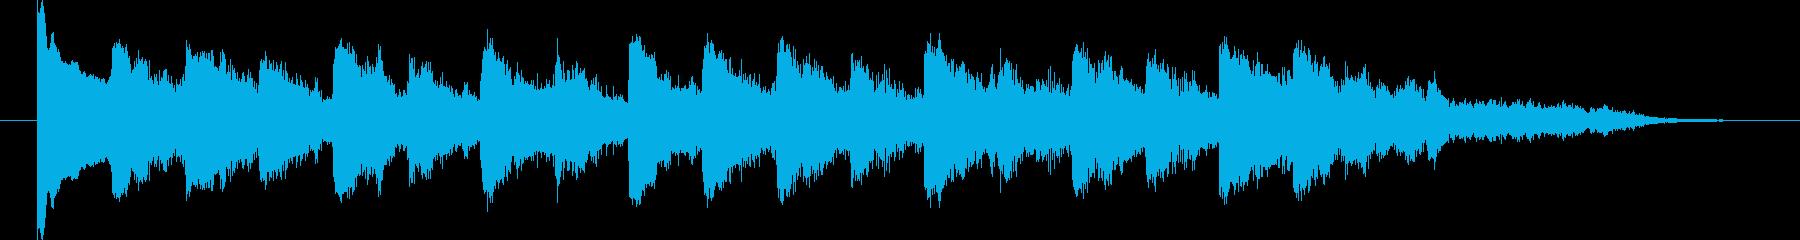 和風ミステリーっぽいアイキャッチの再生済みの波形